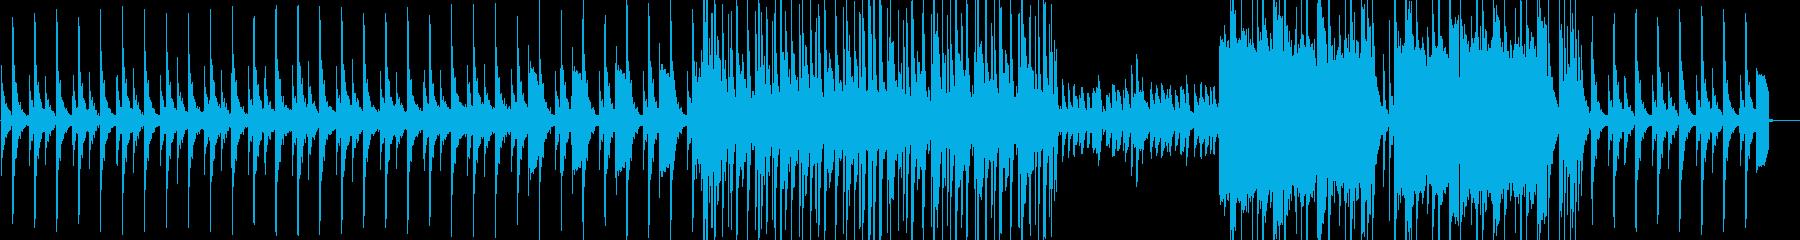 力強く迫力のあるEDMの再生済みの波形